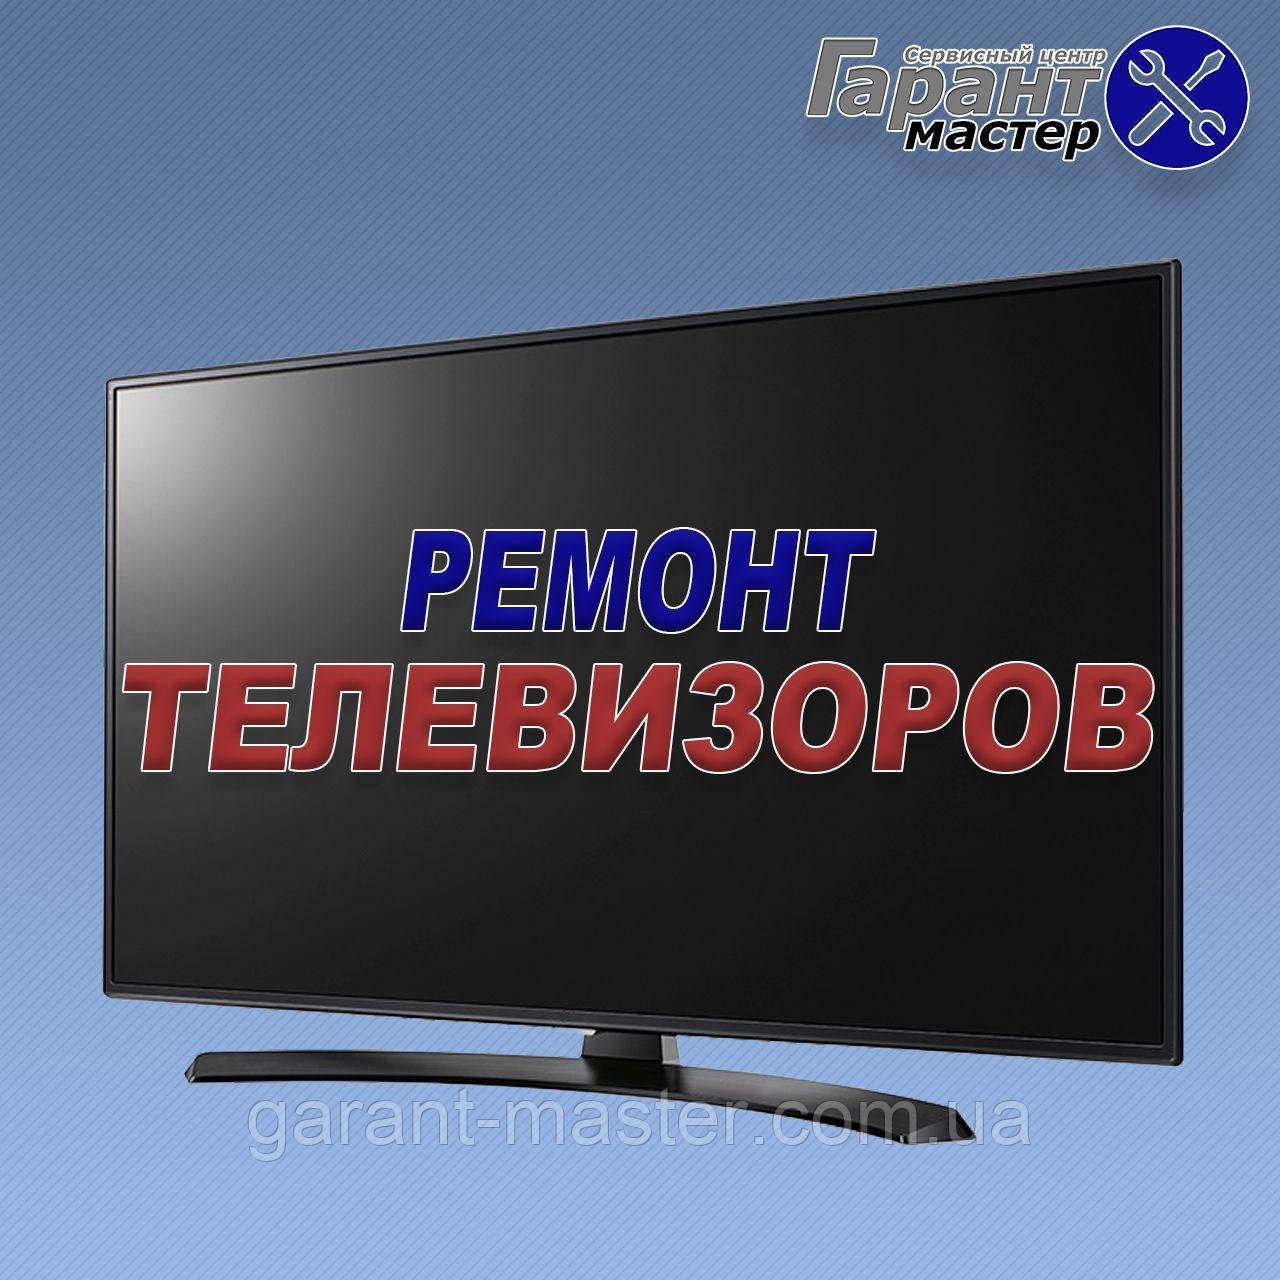 Ремонт телевизоров SAMSUNG в Запорожье